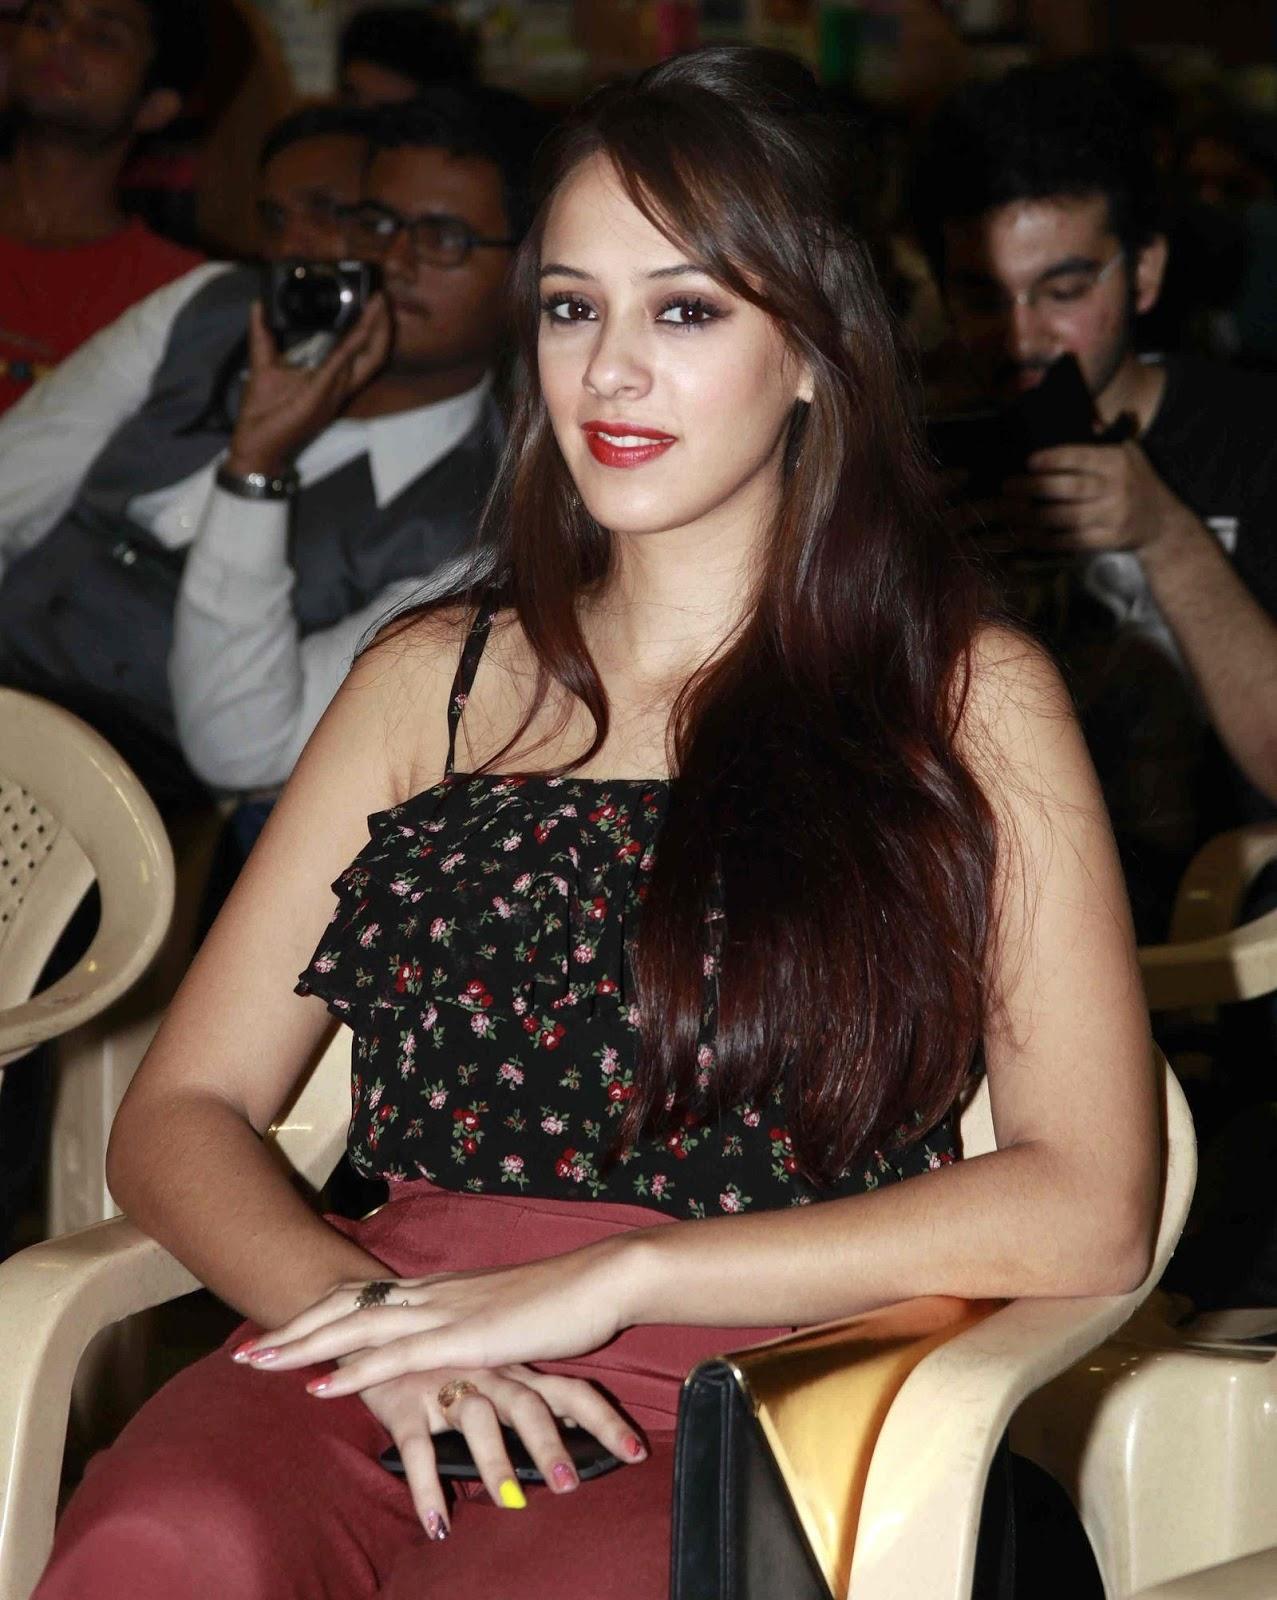 Yuvraj Singh's Wife Hazel Keech Full HD Wallpapers & Images